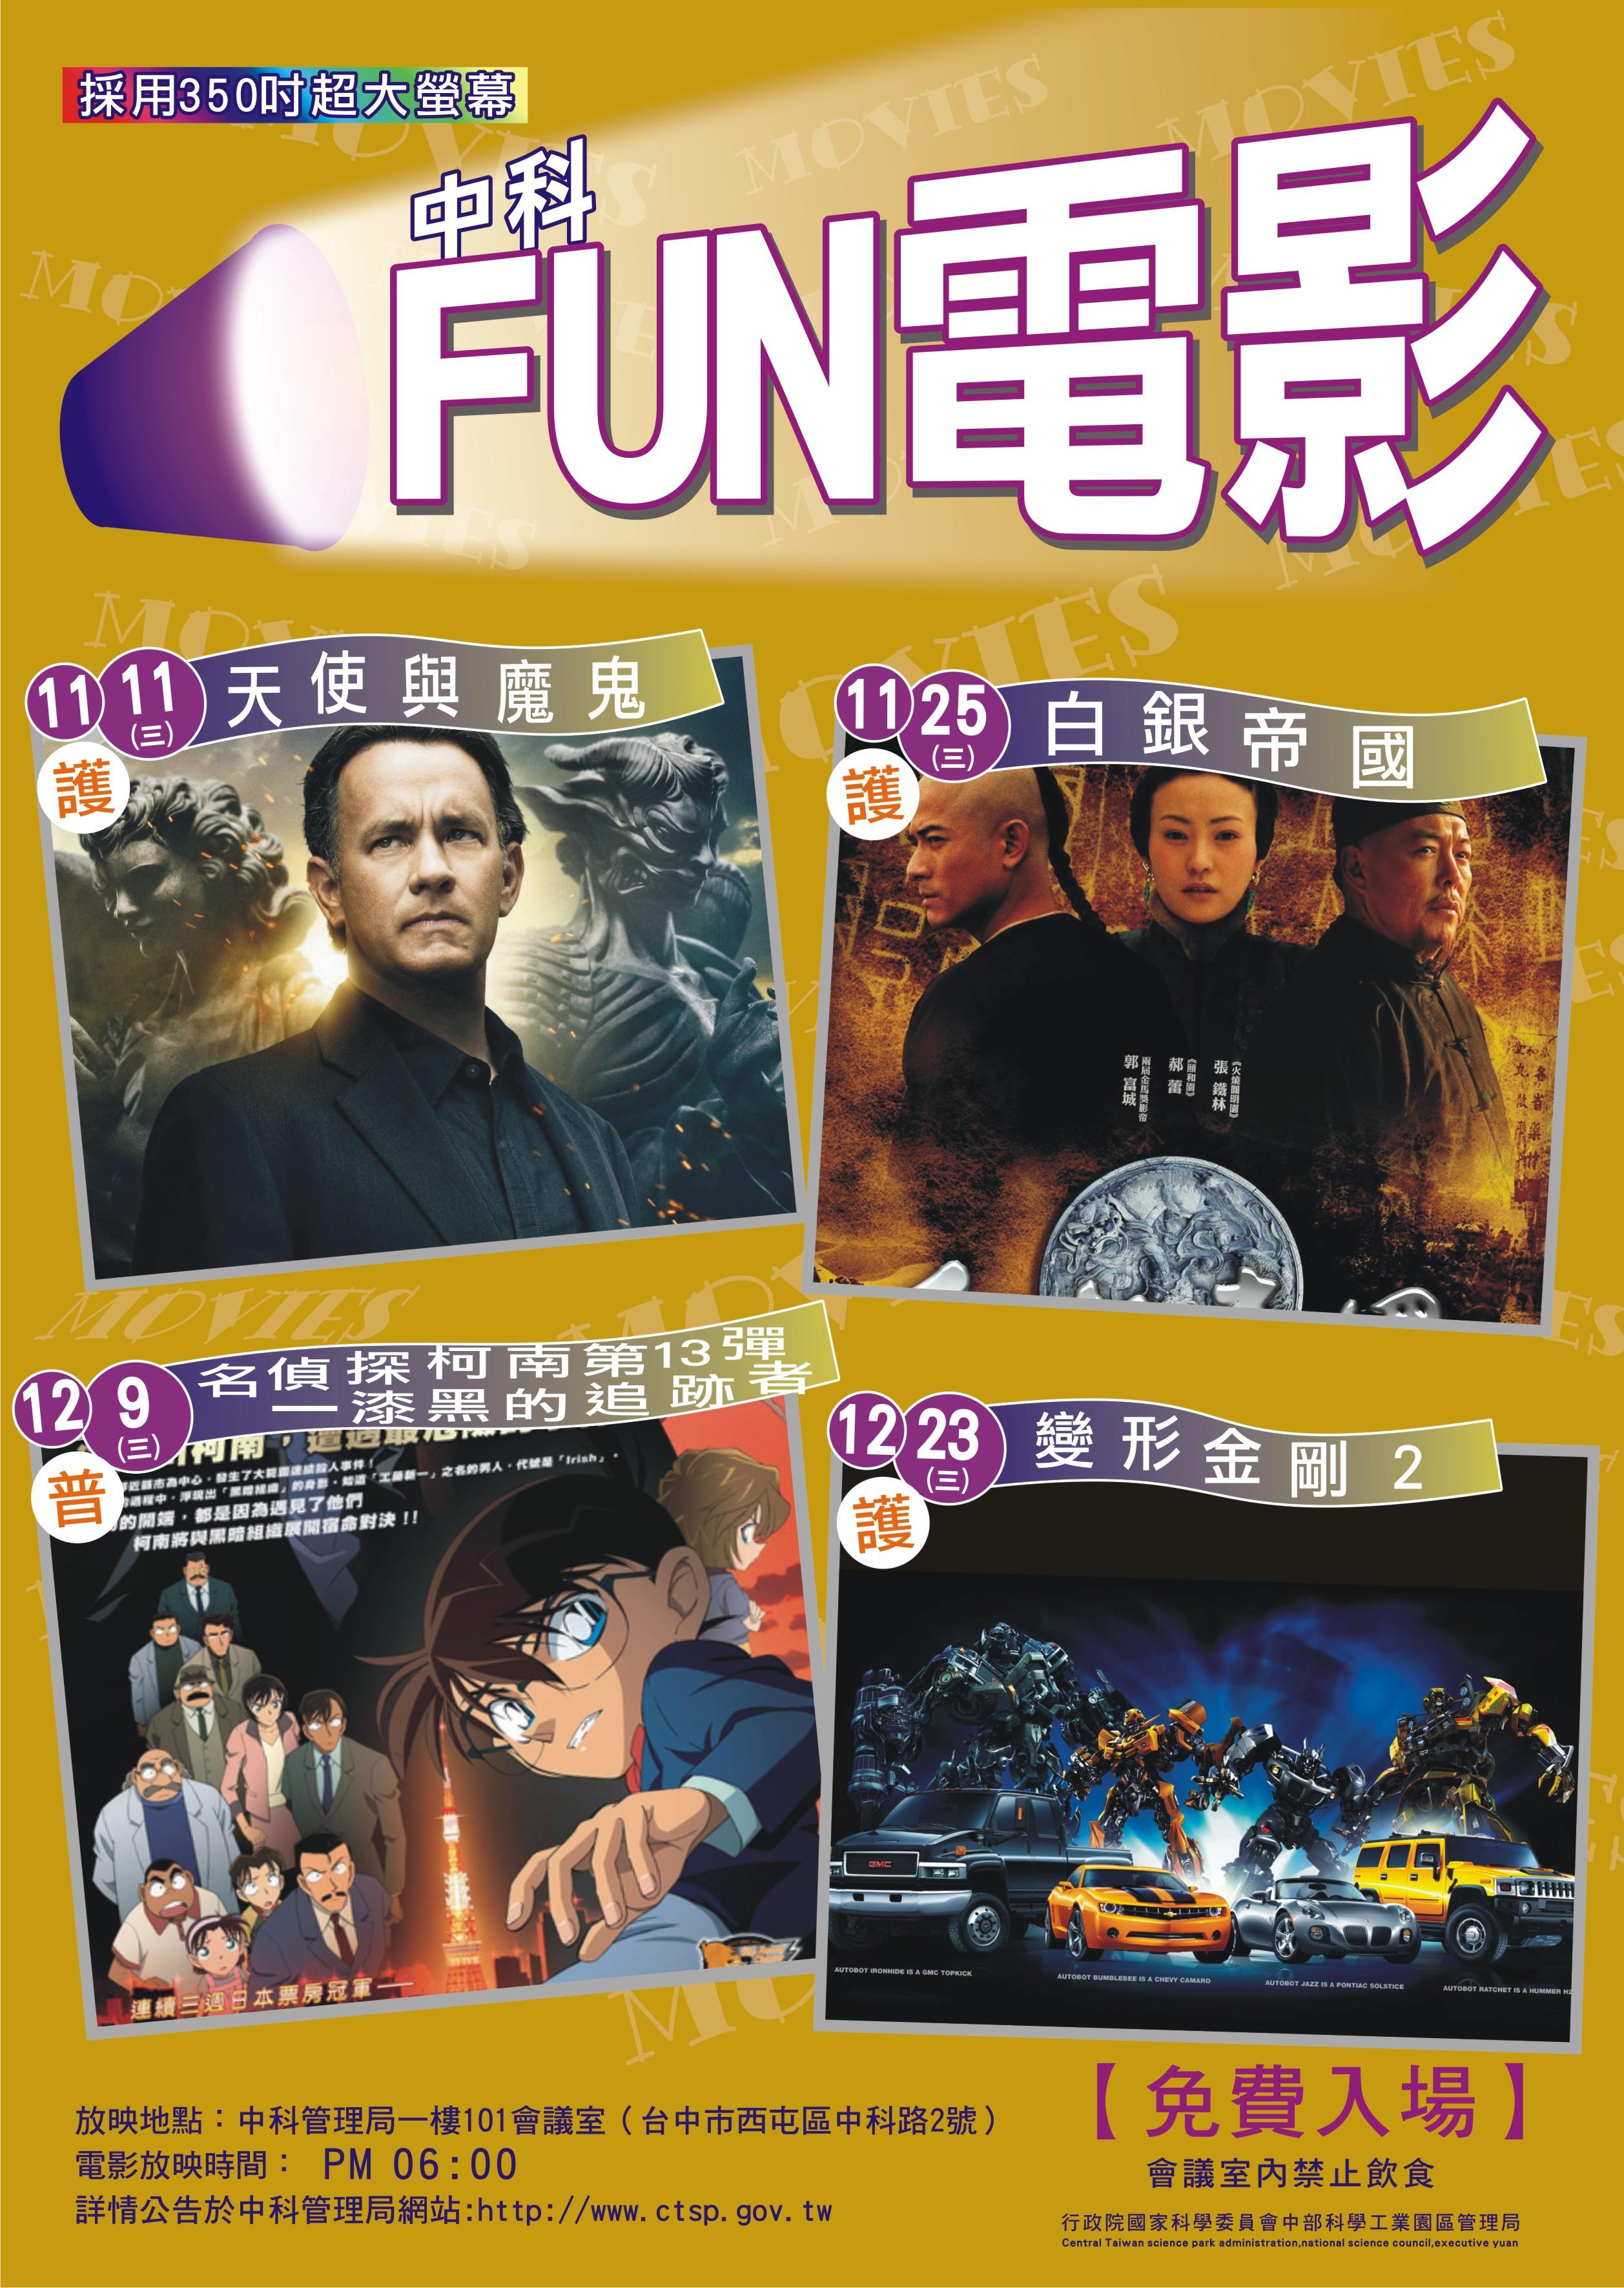 中科fun電影11-12月份海報